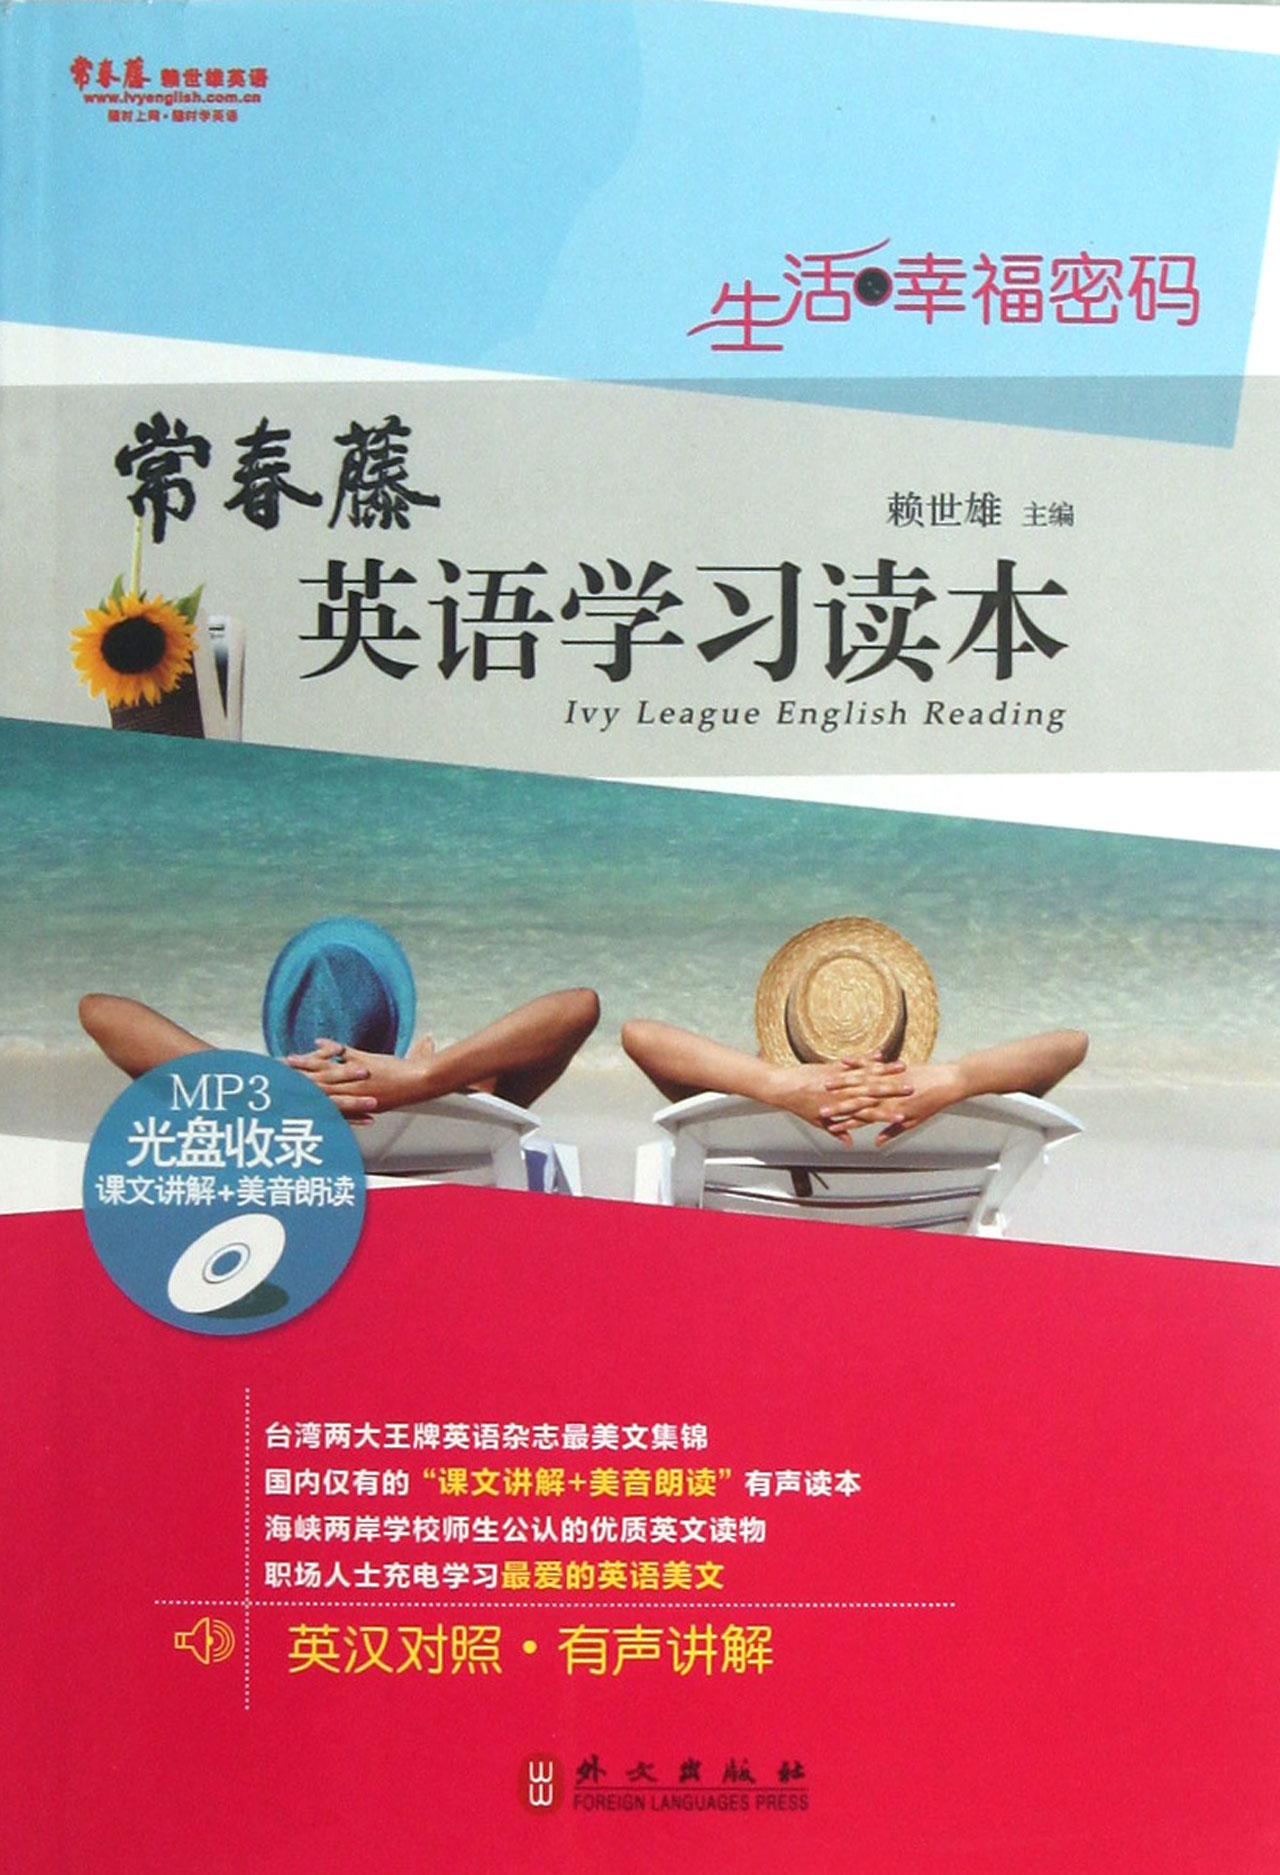 有声英汉�yan_常春藤英语学习读本(附光盘生活幸福密码英汉对照有声